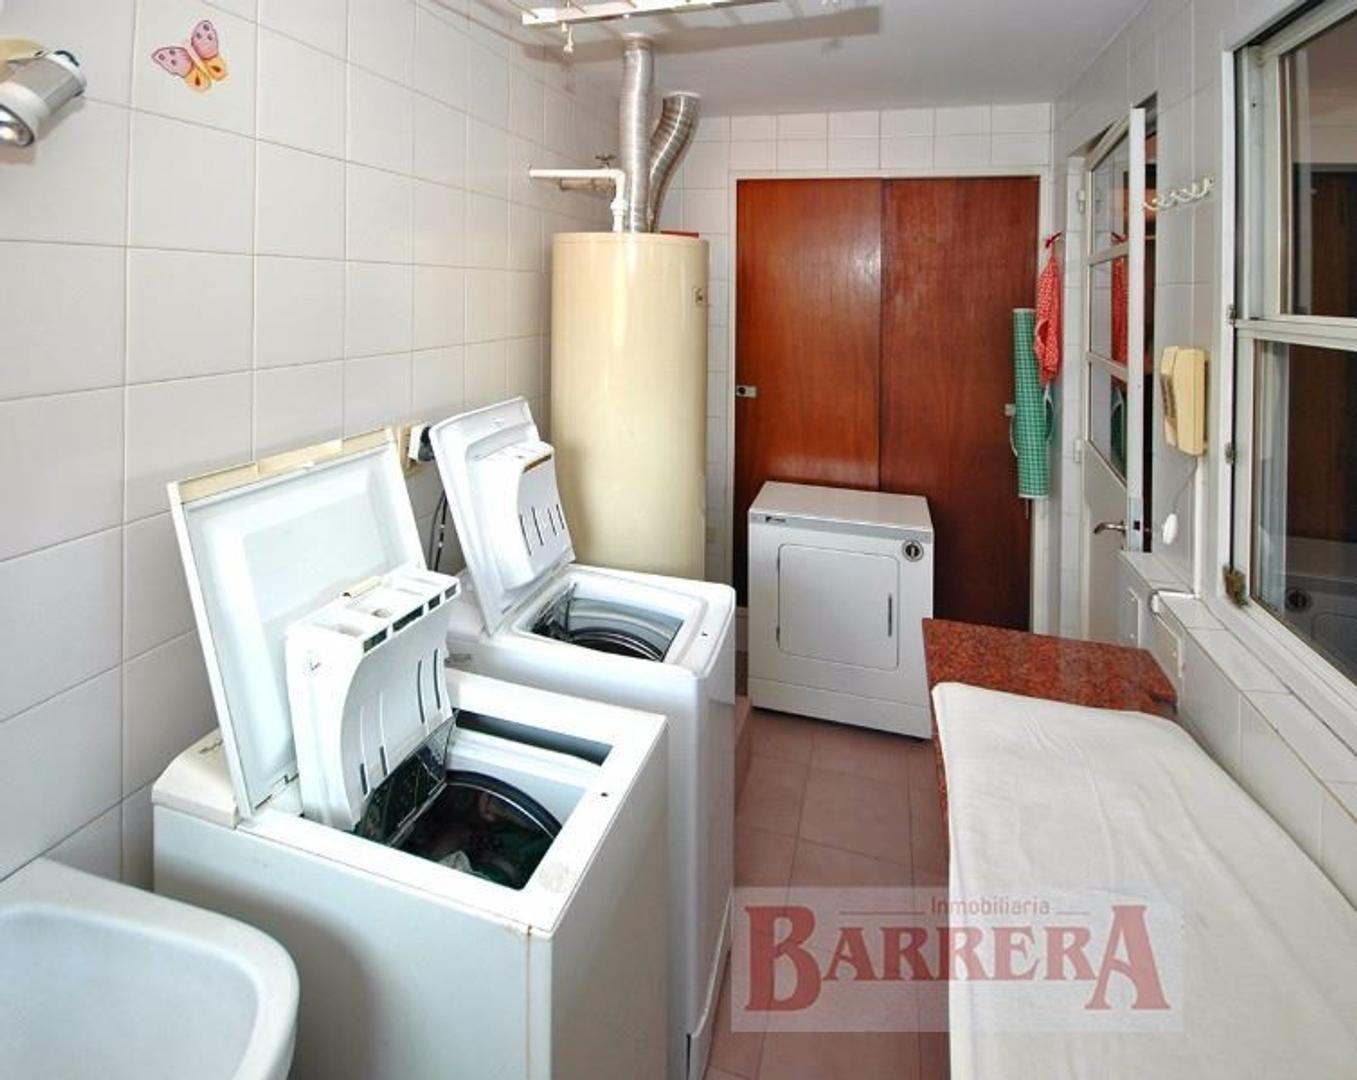 excelente casa 440 m2 cub en lo mejor de Belgrano R - Foto 19